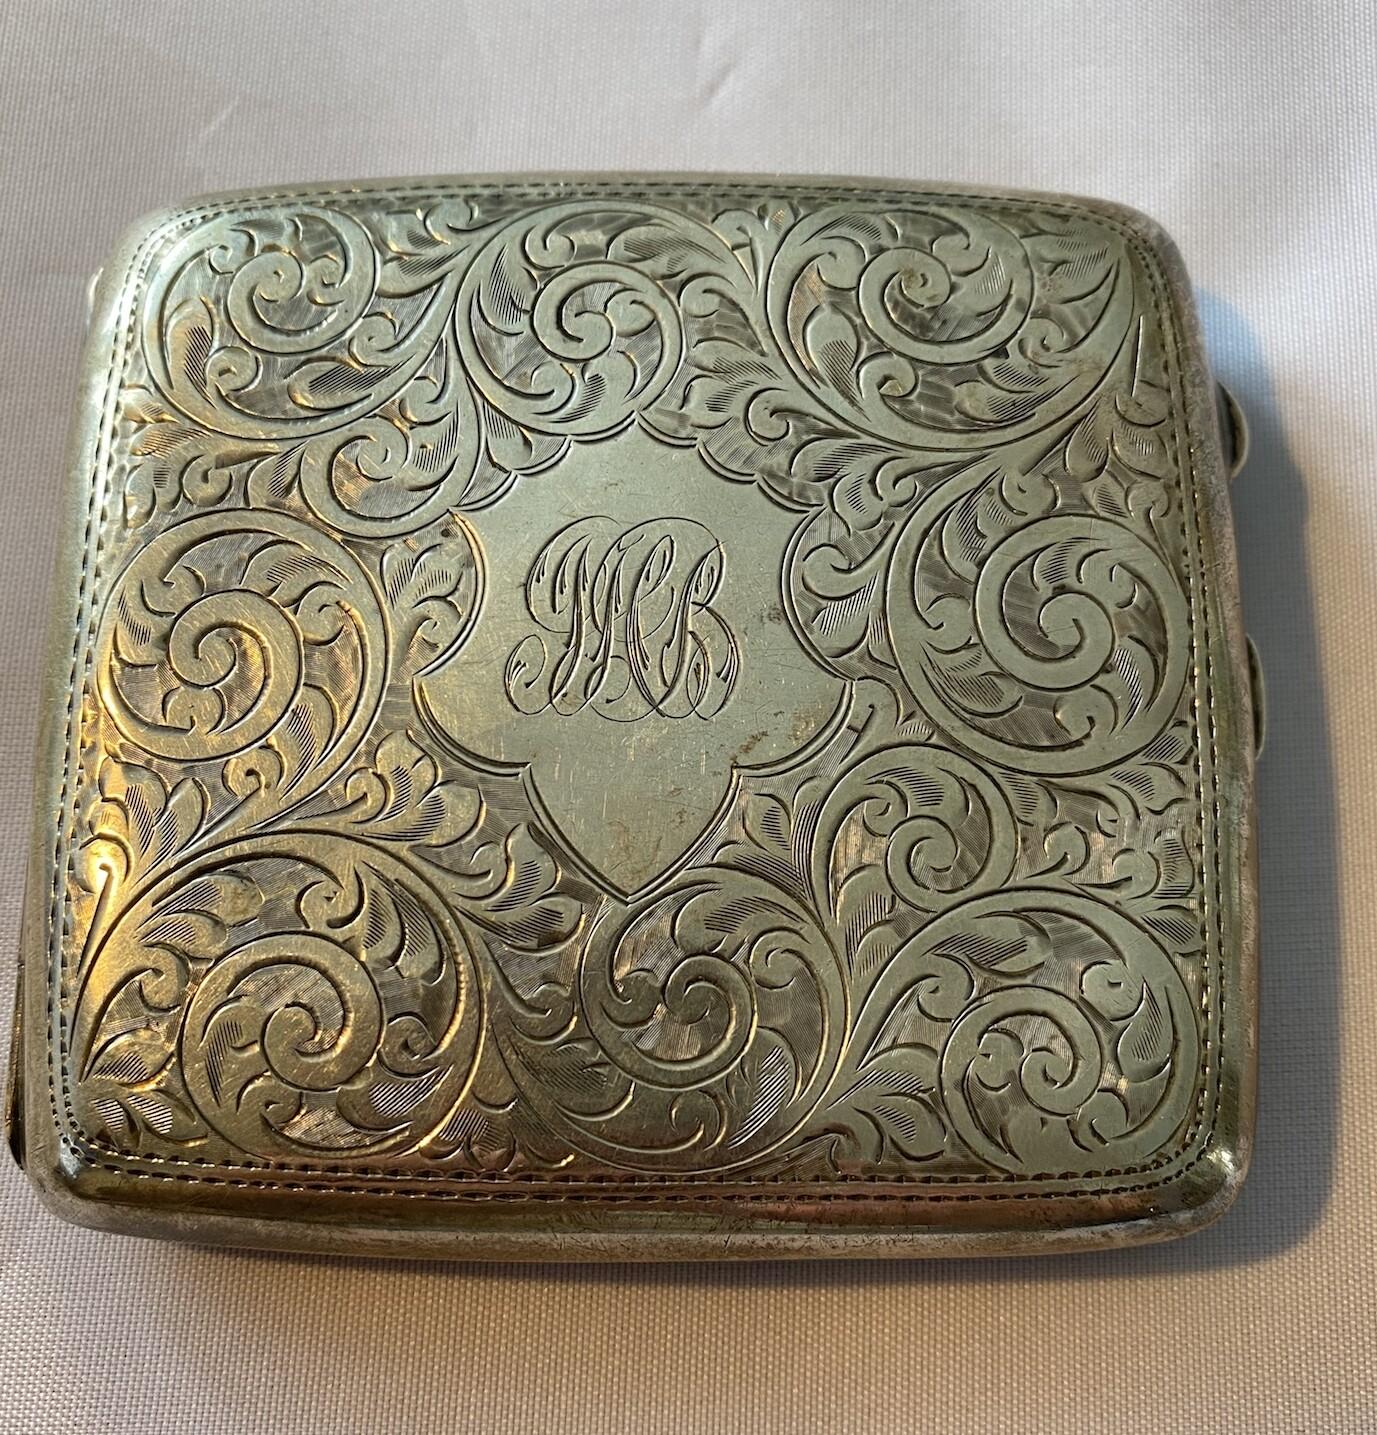 Solid Silver Cigarette Case - 1921 Hallmark